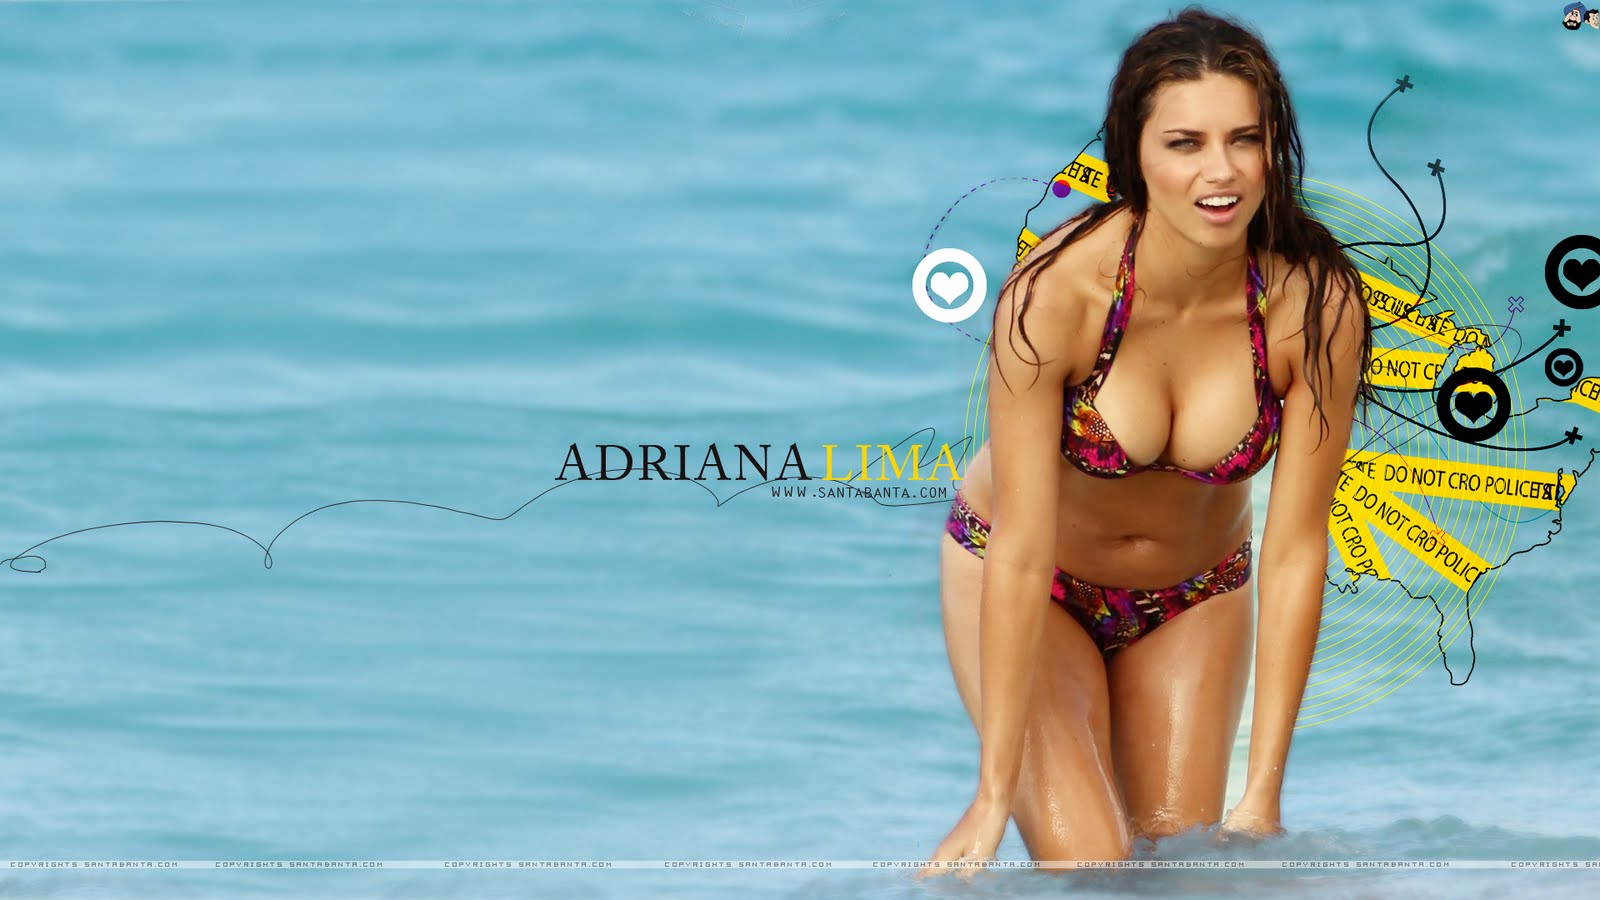 http://4.bp.blogspot.com/-m4llXBiOGUU/TXdWx2x_IhI/AAAAAAAAGS8/Ex5xA9el-kc/s1600/Adriana%2BLima-asin-Vidya%2BBalan%2527s%2Btransparent%2Bbikini-topless-nude-sexy-big-boobs-nude-photo-sexy-wallpapers-images-indian-nude-lucy%2Bpinder%2BAdriana%2BLima%2Btopless%2BAdriana%2BLima%2Bnude%2BAdriana%2BLima%2Bboobs8.jpg